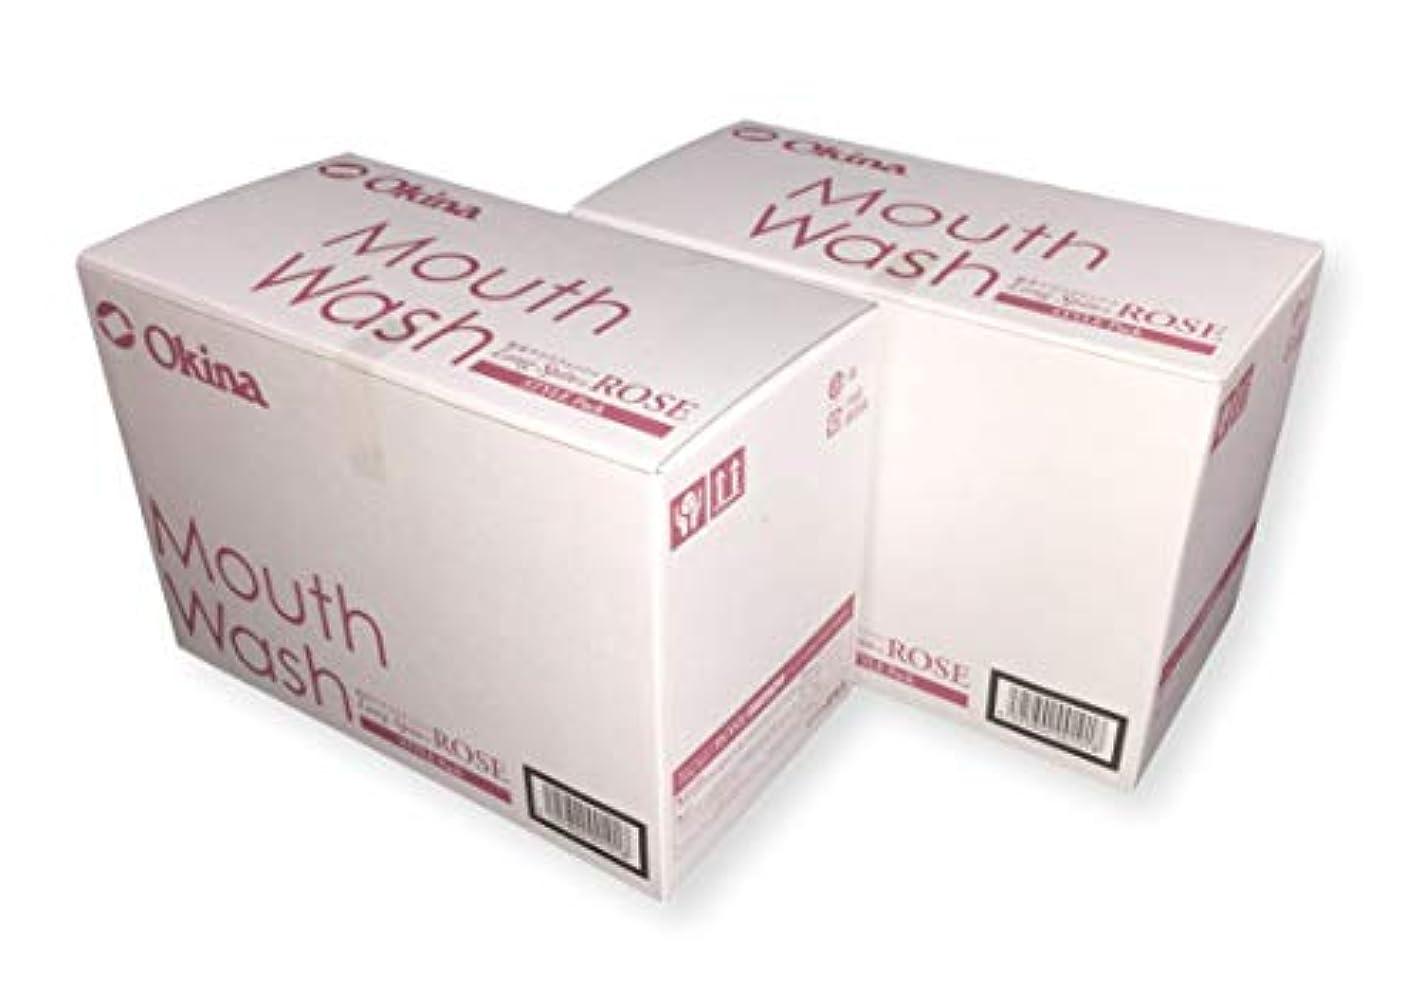 懐白鳥半ばオキナ マウスウォッシュ ロングスピン スタイルパック ROSE お得な2箱セット(100入りx2箱) LS-RS